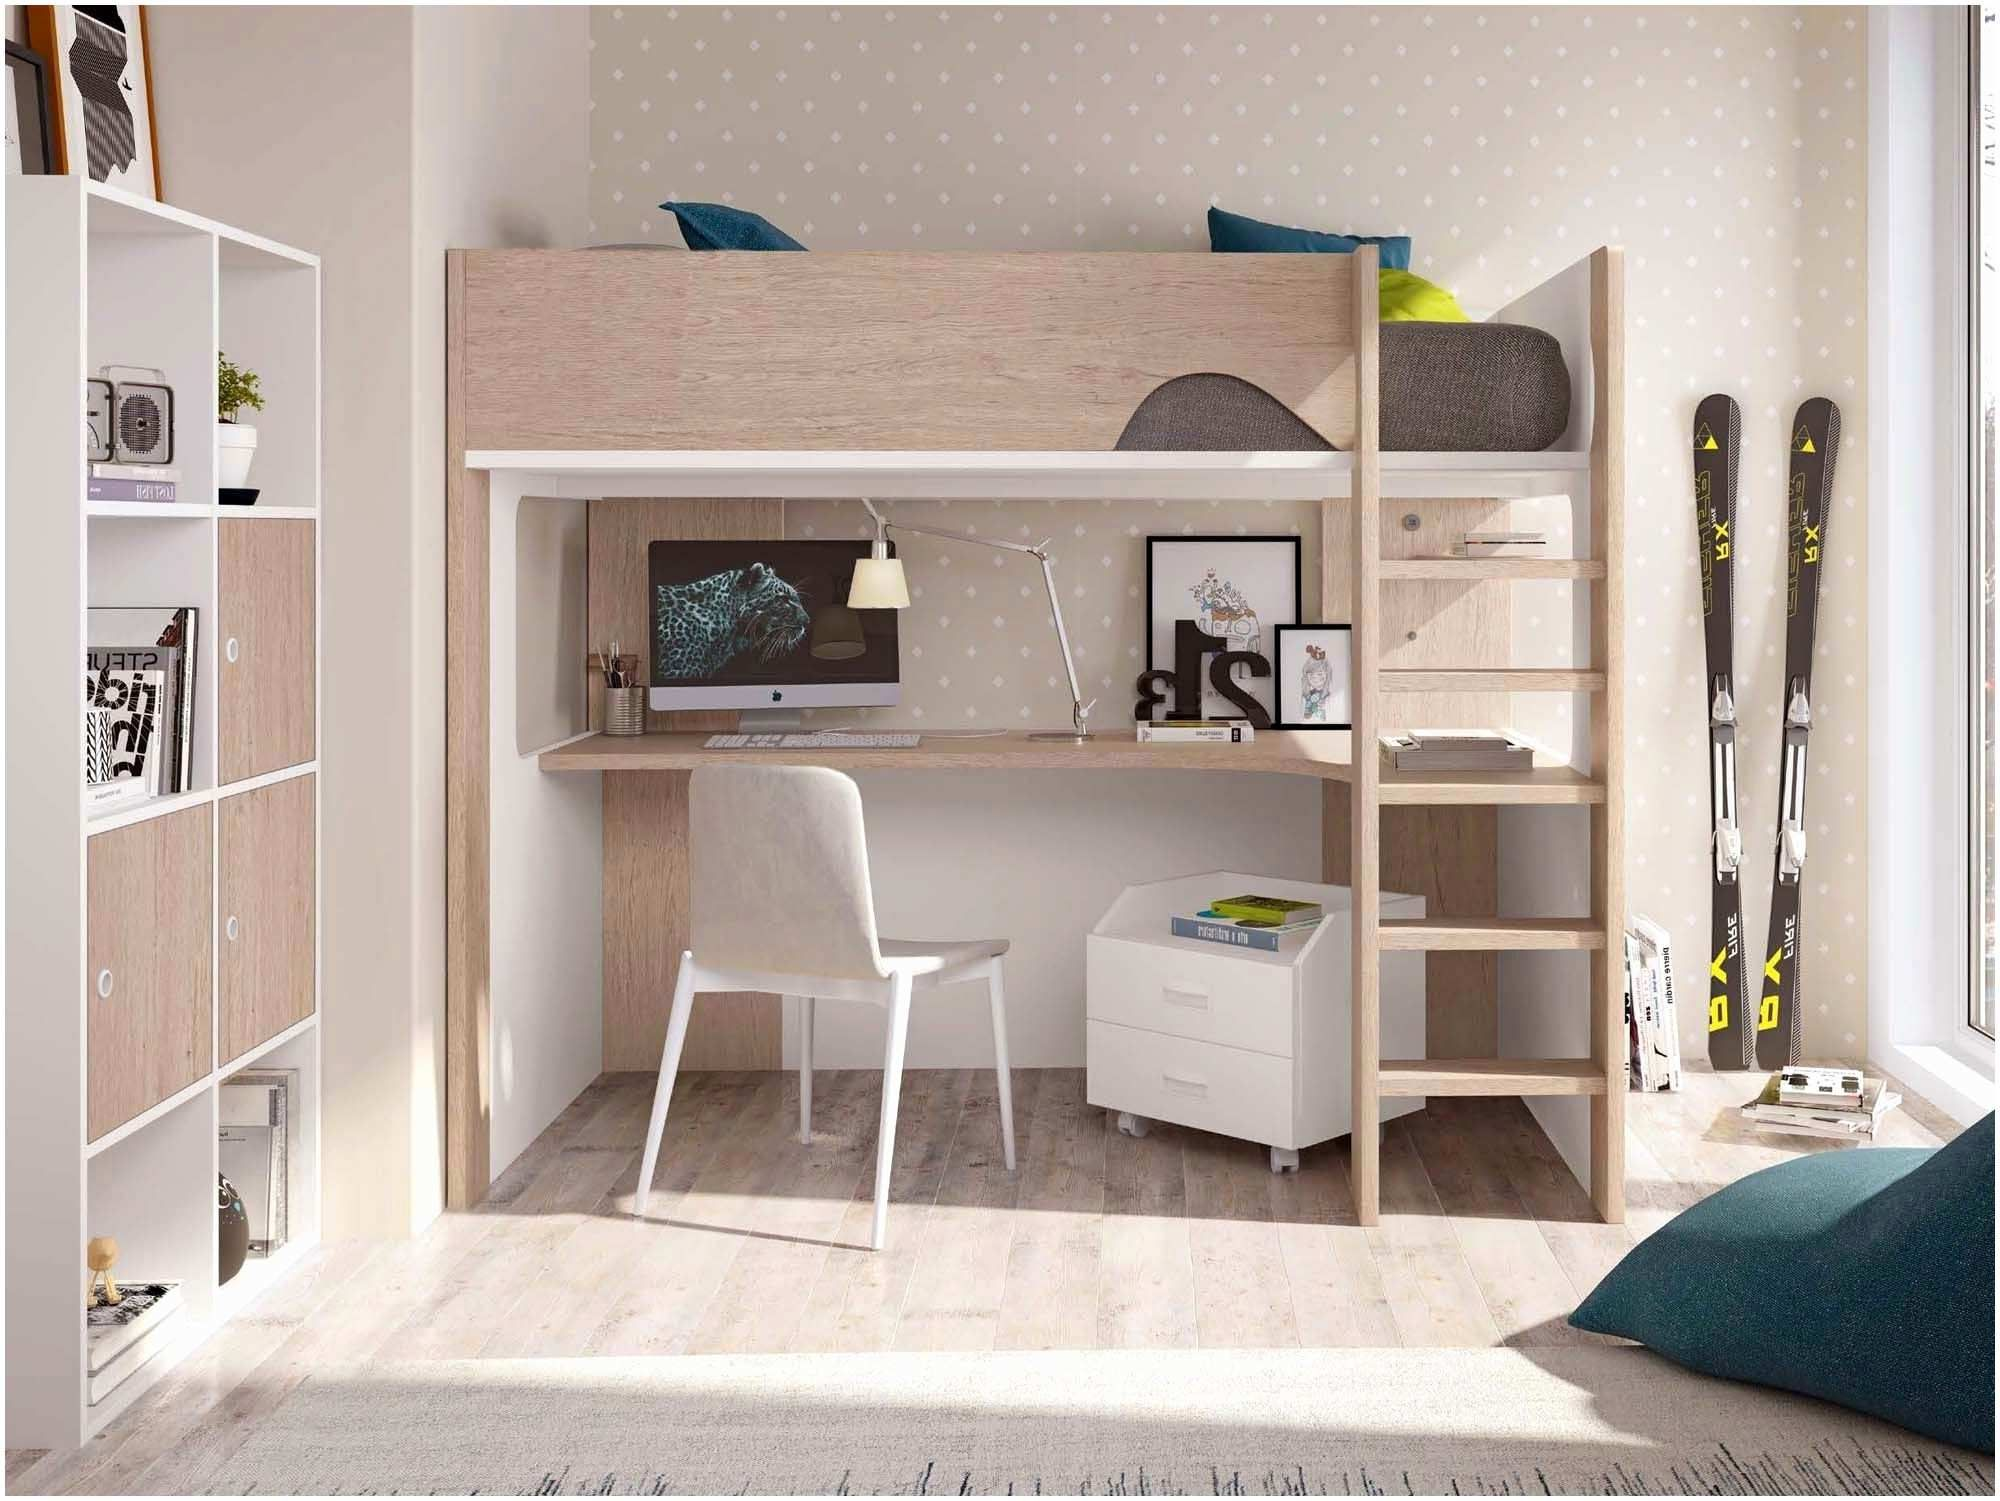 Moustiquaire Pour Lit Bébé Bel 29 Collection De Briliant Lit Superposé Avec Escalier Pas Cher De